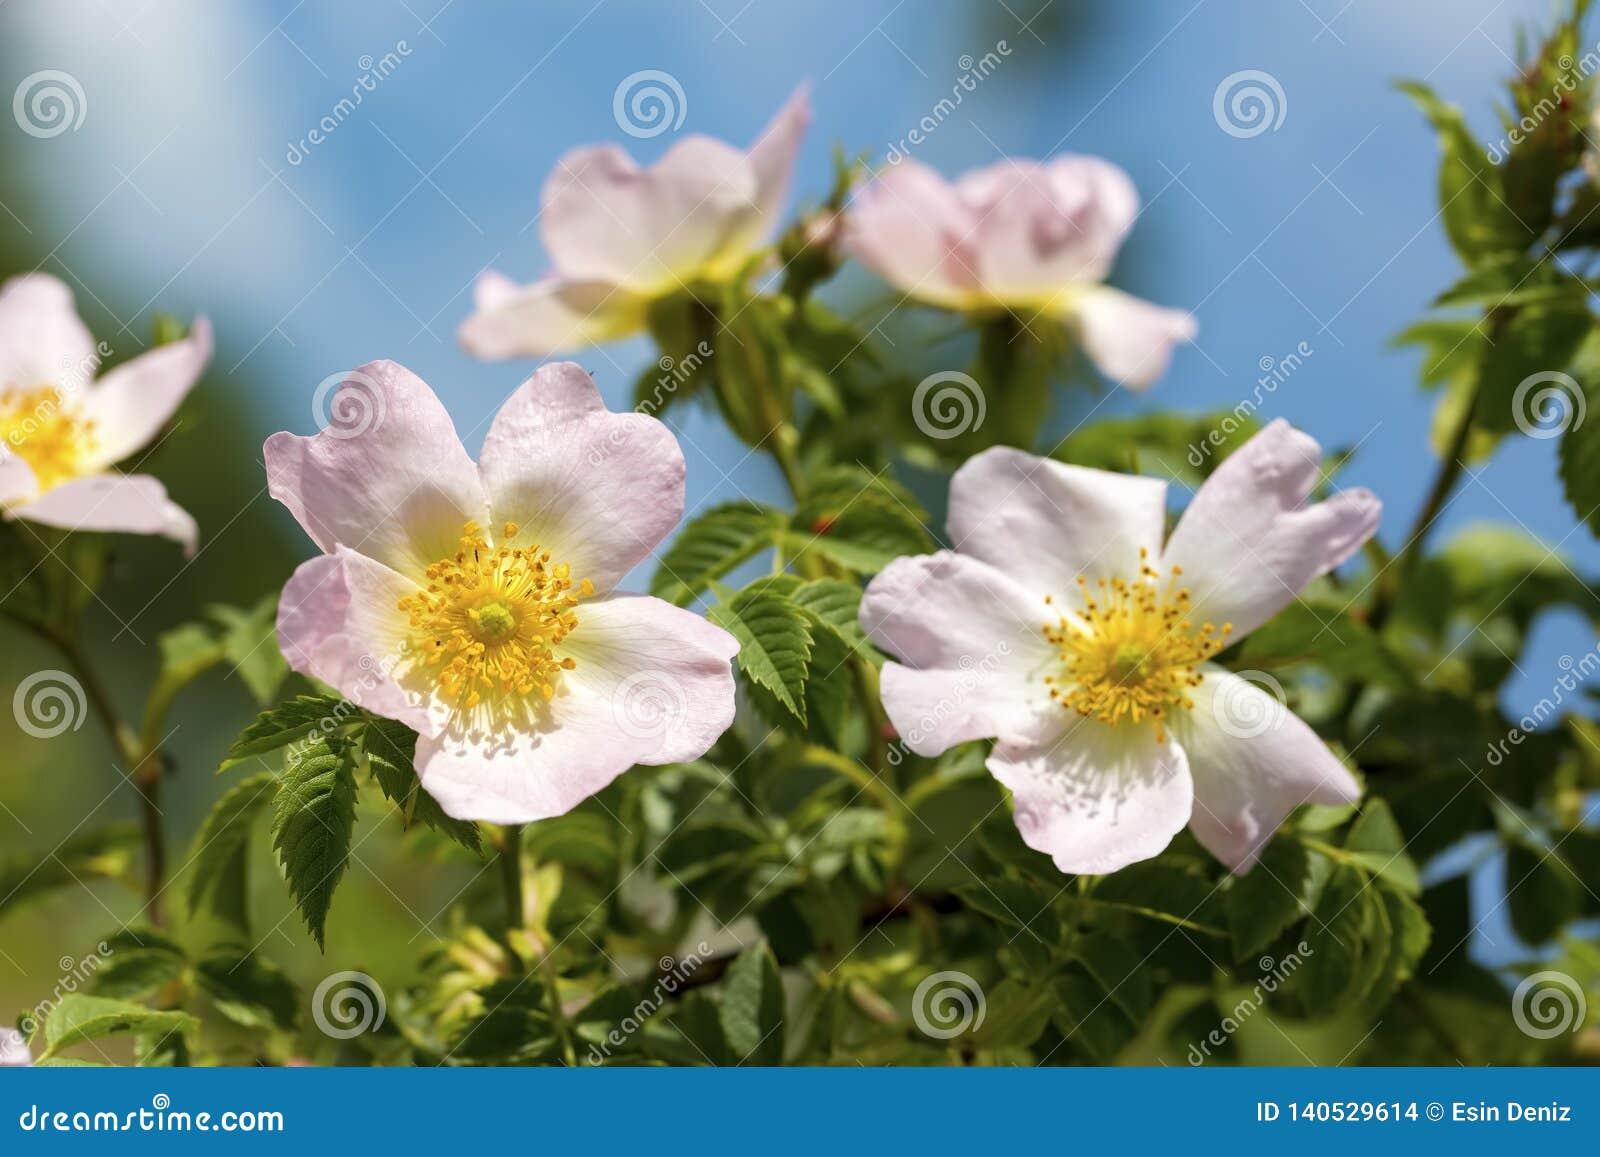 Wildes Rose Rosa-canina mit den offenen Blumenblättern im Frühjahr